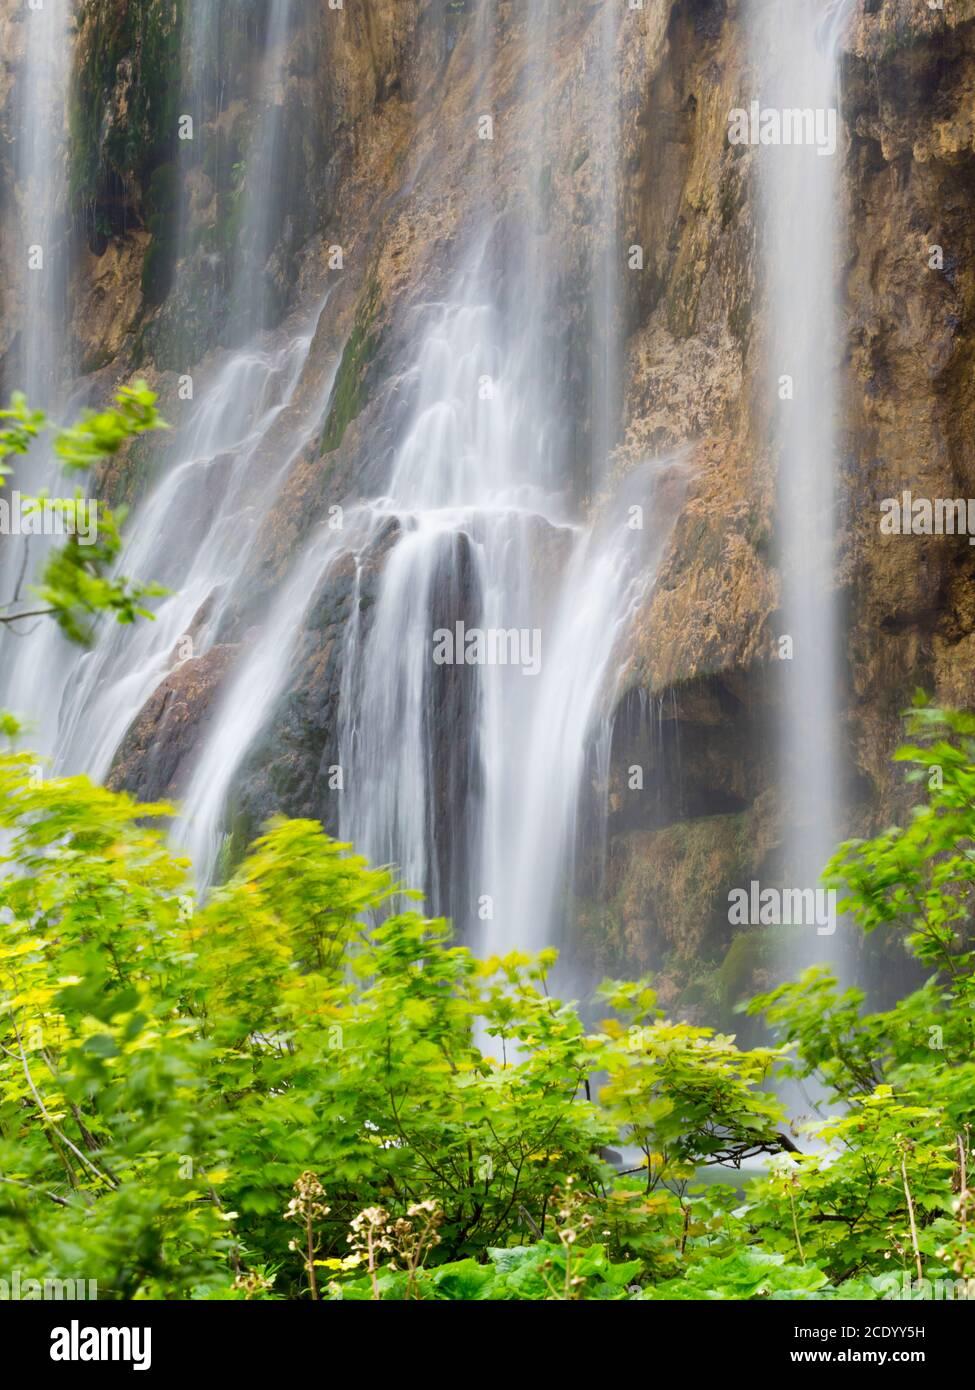 Múltiples muchas cascadas en el Parque Nacional de los lagos de Plitvice Croacia Europa flujo de agua cascada paisaje escénico Foto de stock